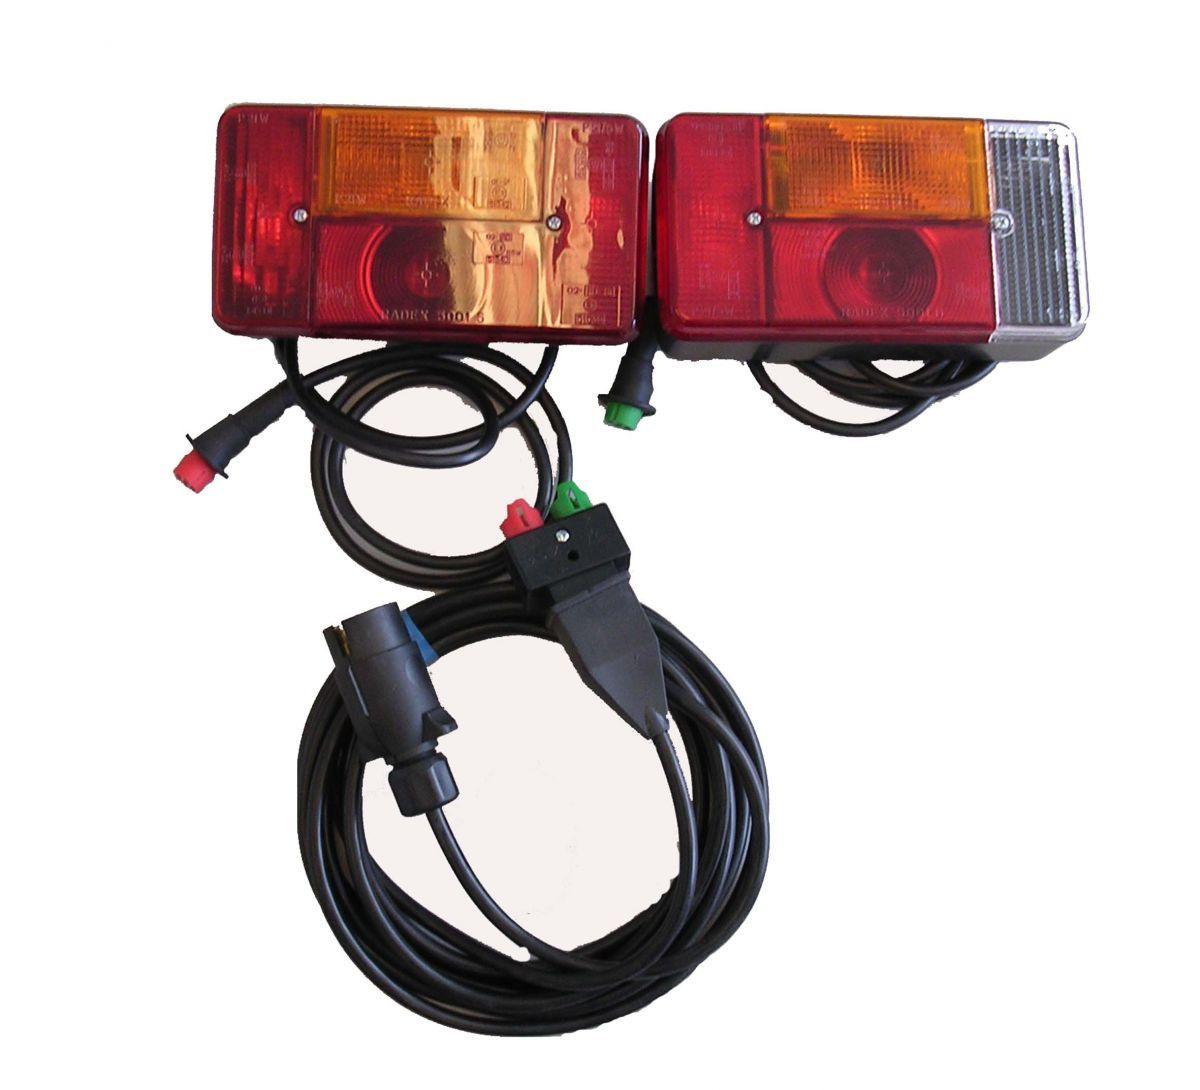 beleuchtungssatz 7p 3m kabel radex